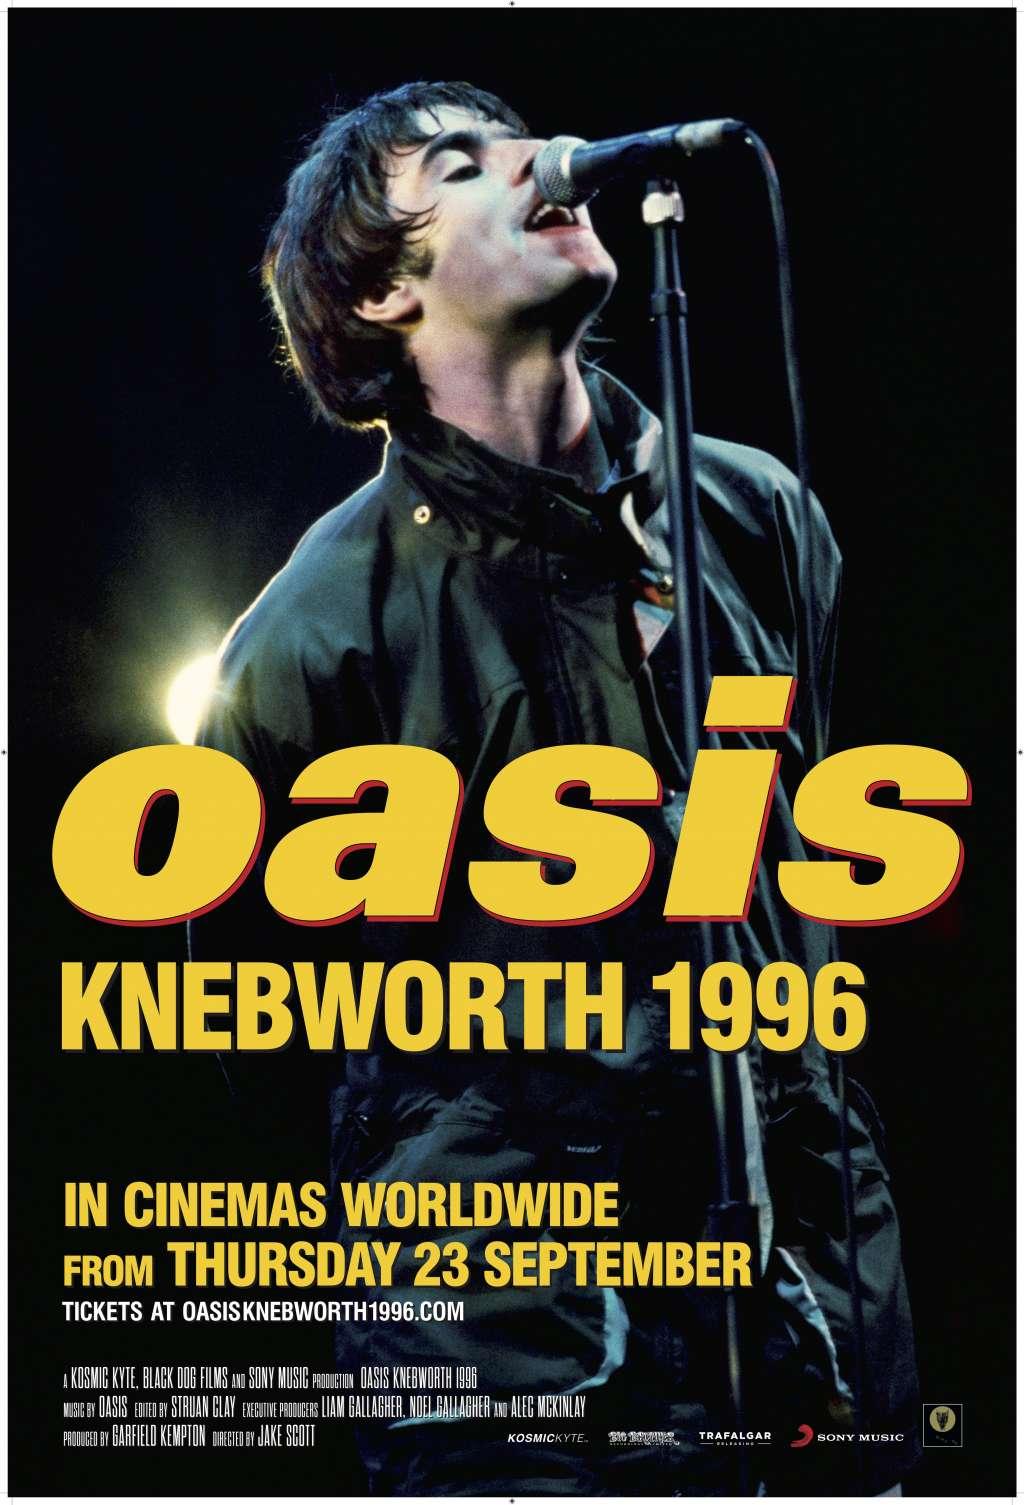 Oasis Knebworth 1996 kapak